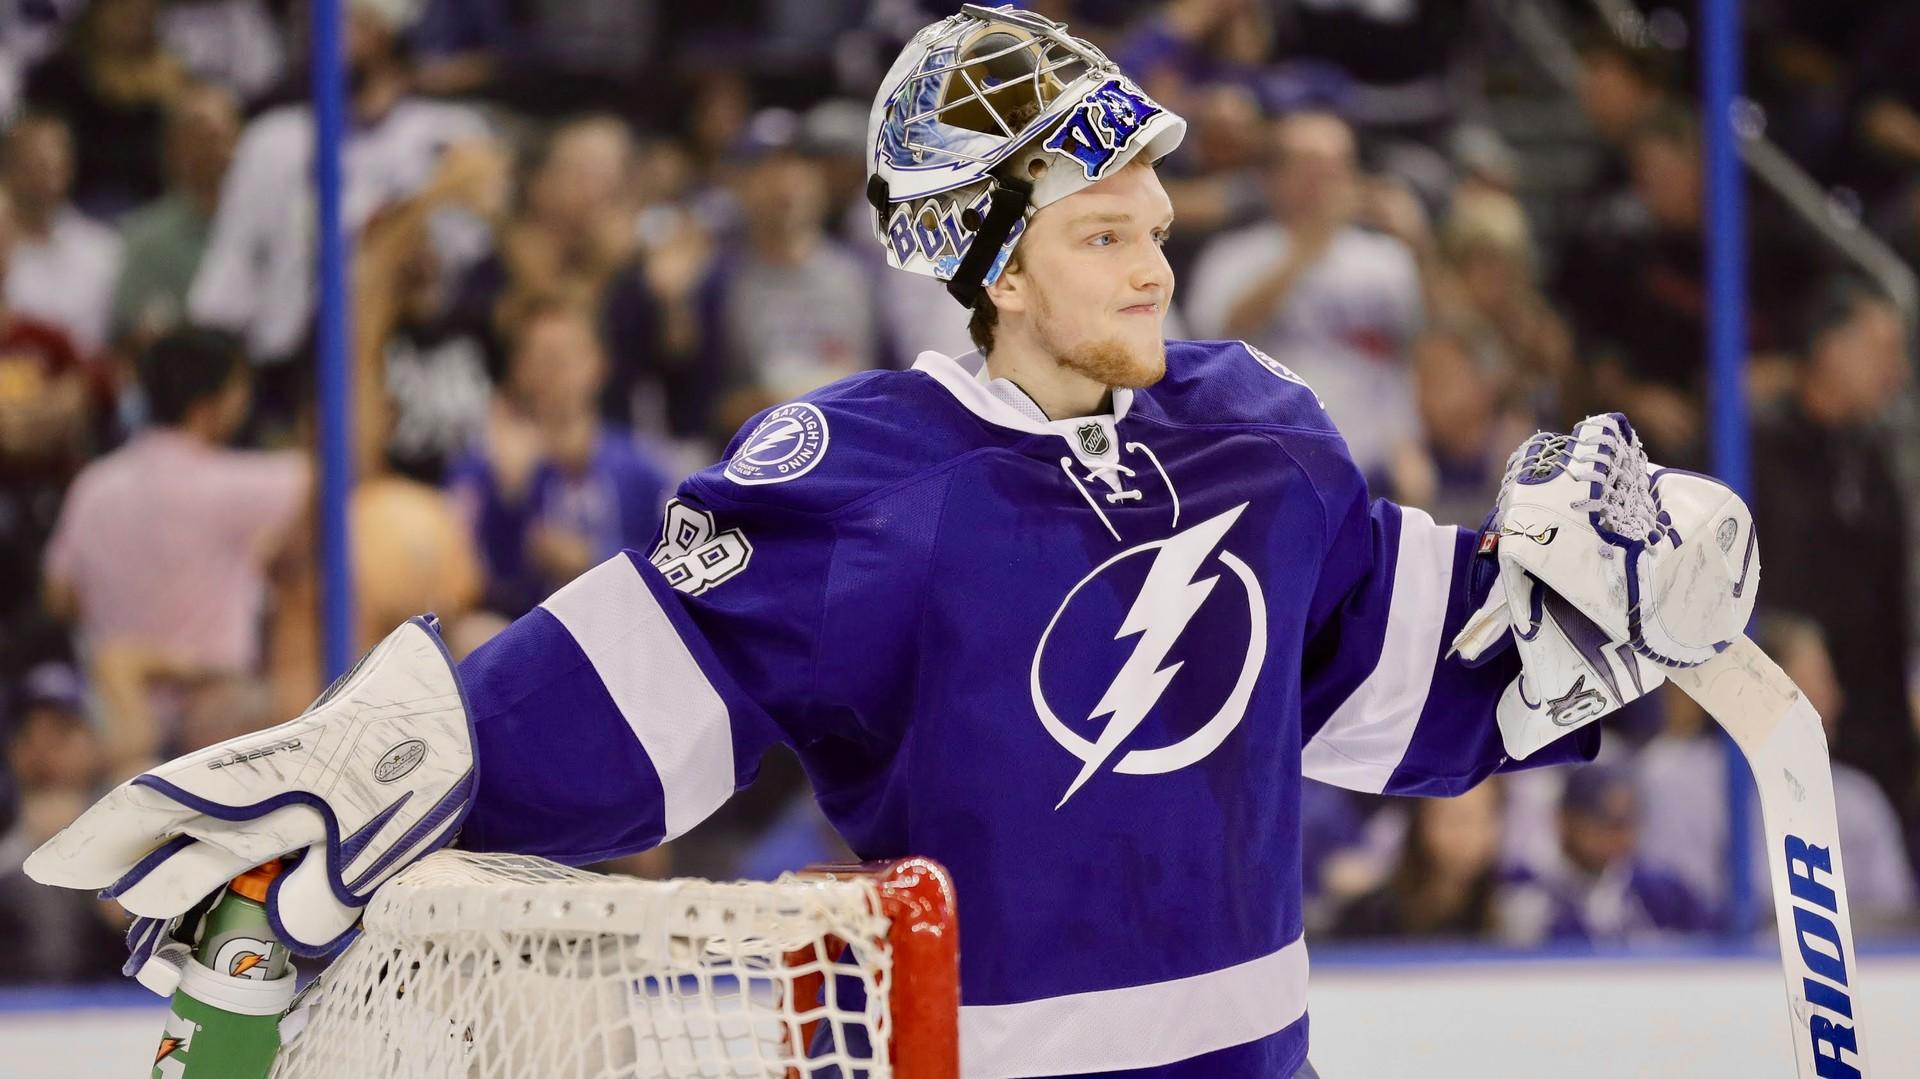 Пять минут славы Василевского: российский вратарь выступил в роли ассистента в НХЛ